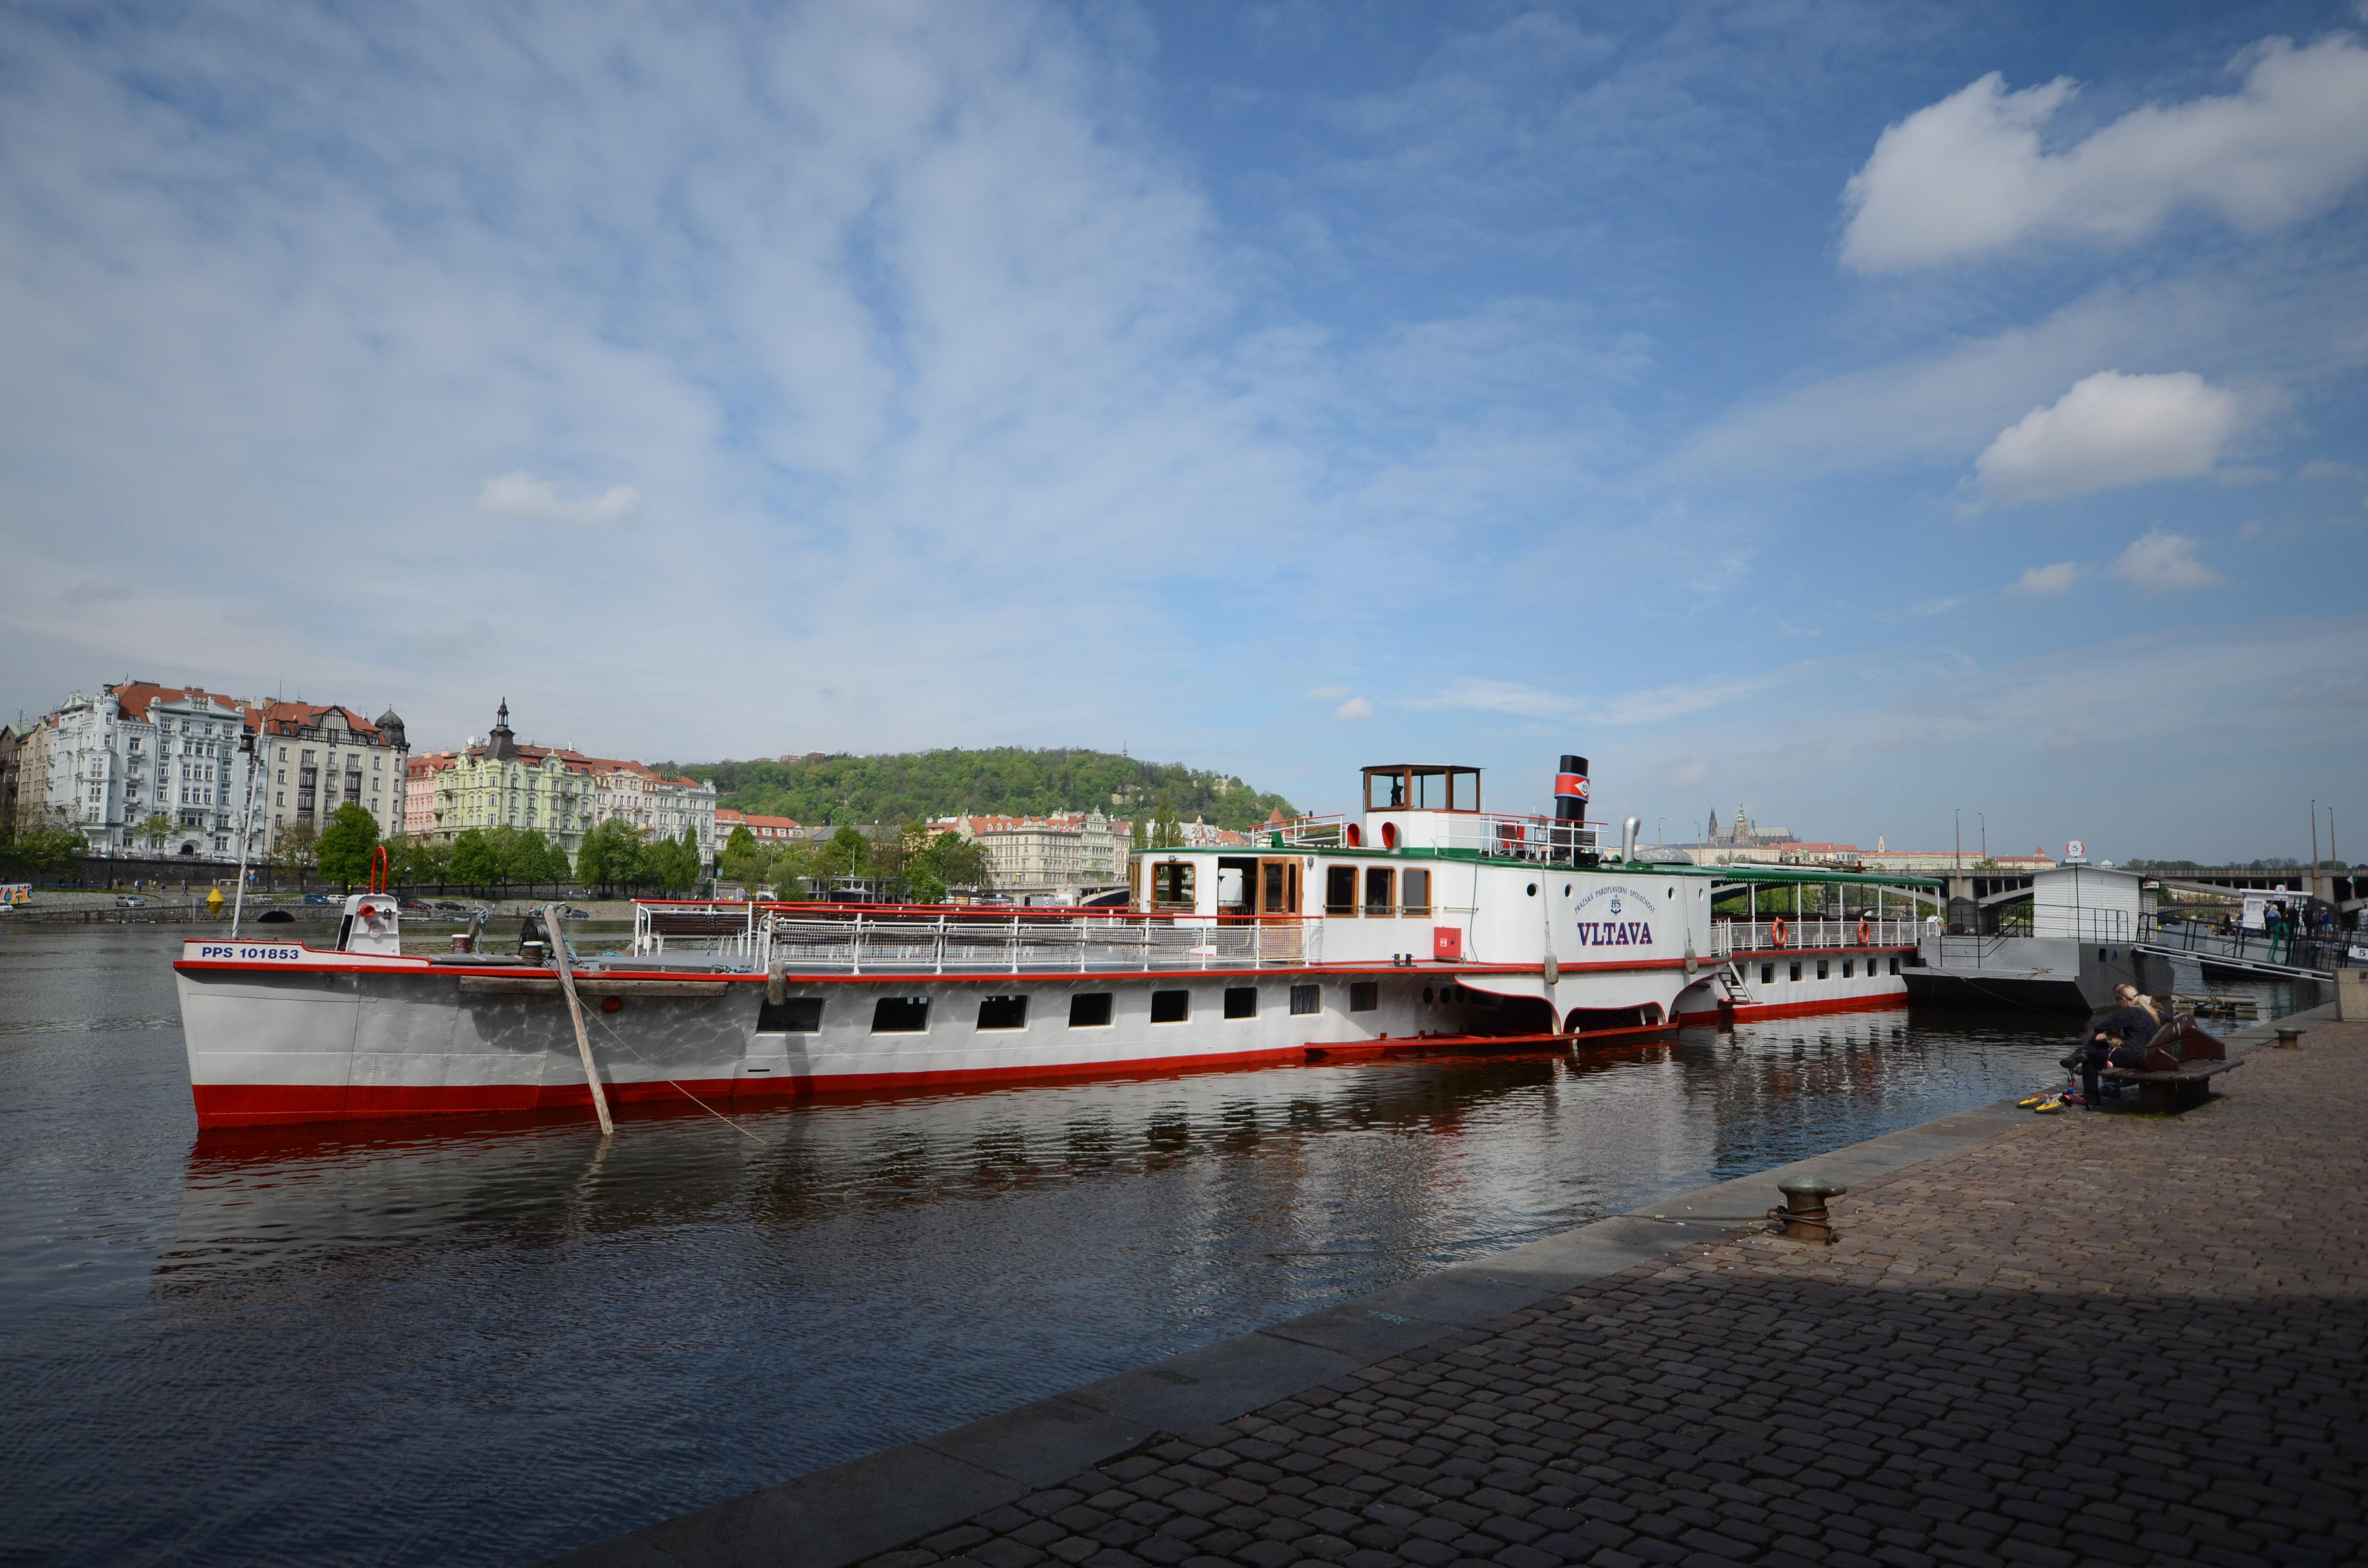 le bateau Vltava